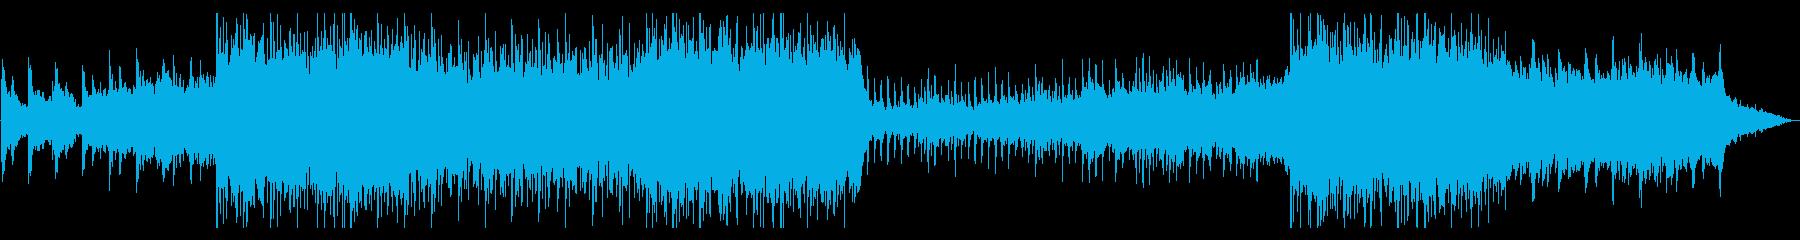 弦楽シューゲイザー哀愁メロ切ない系楽曲の再生済みの波形